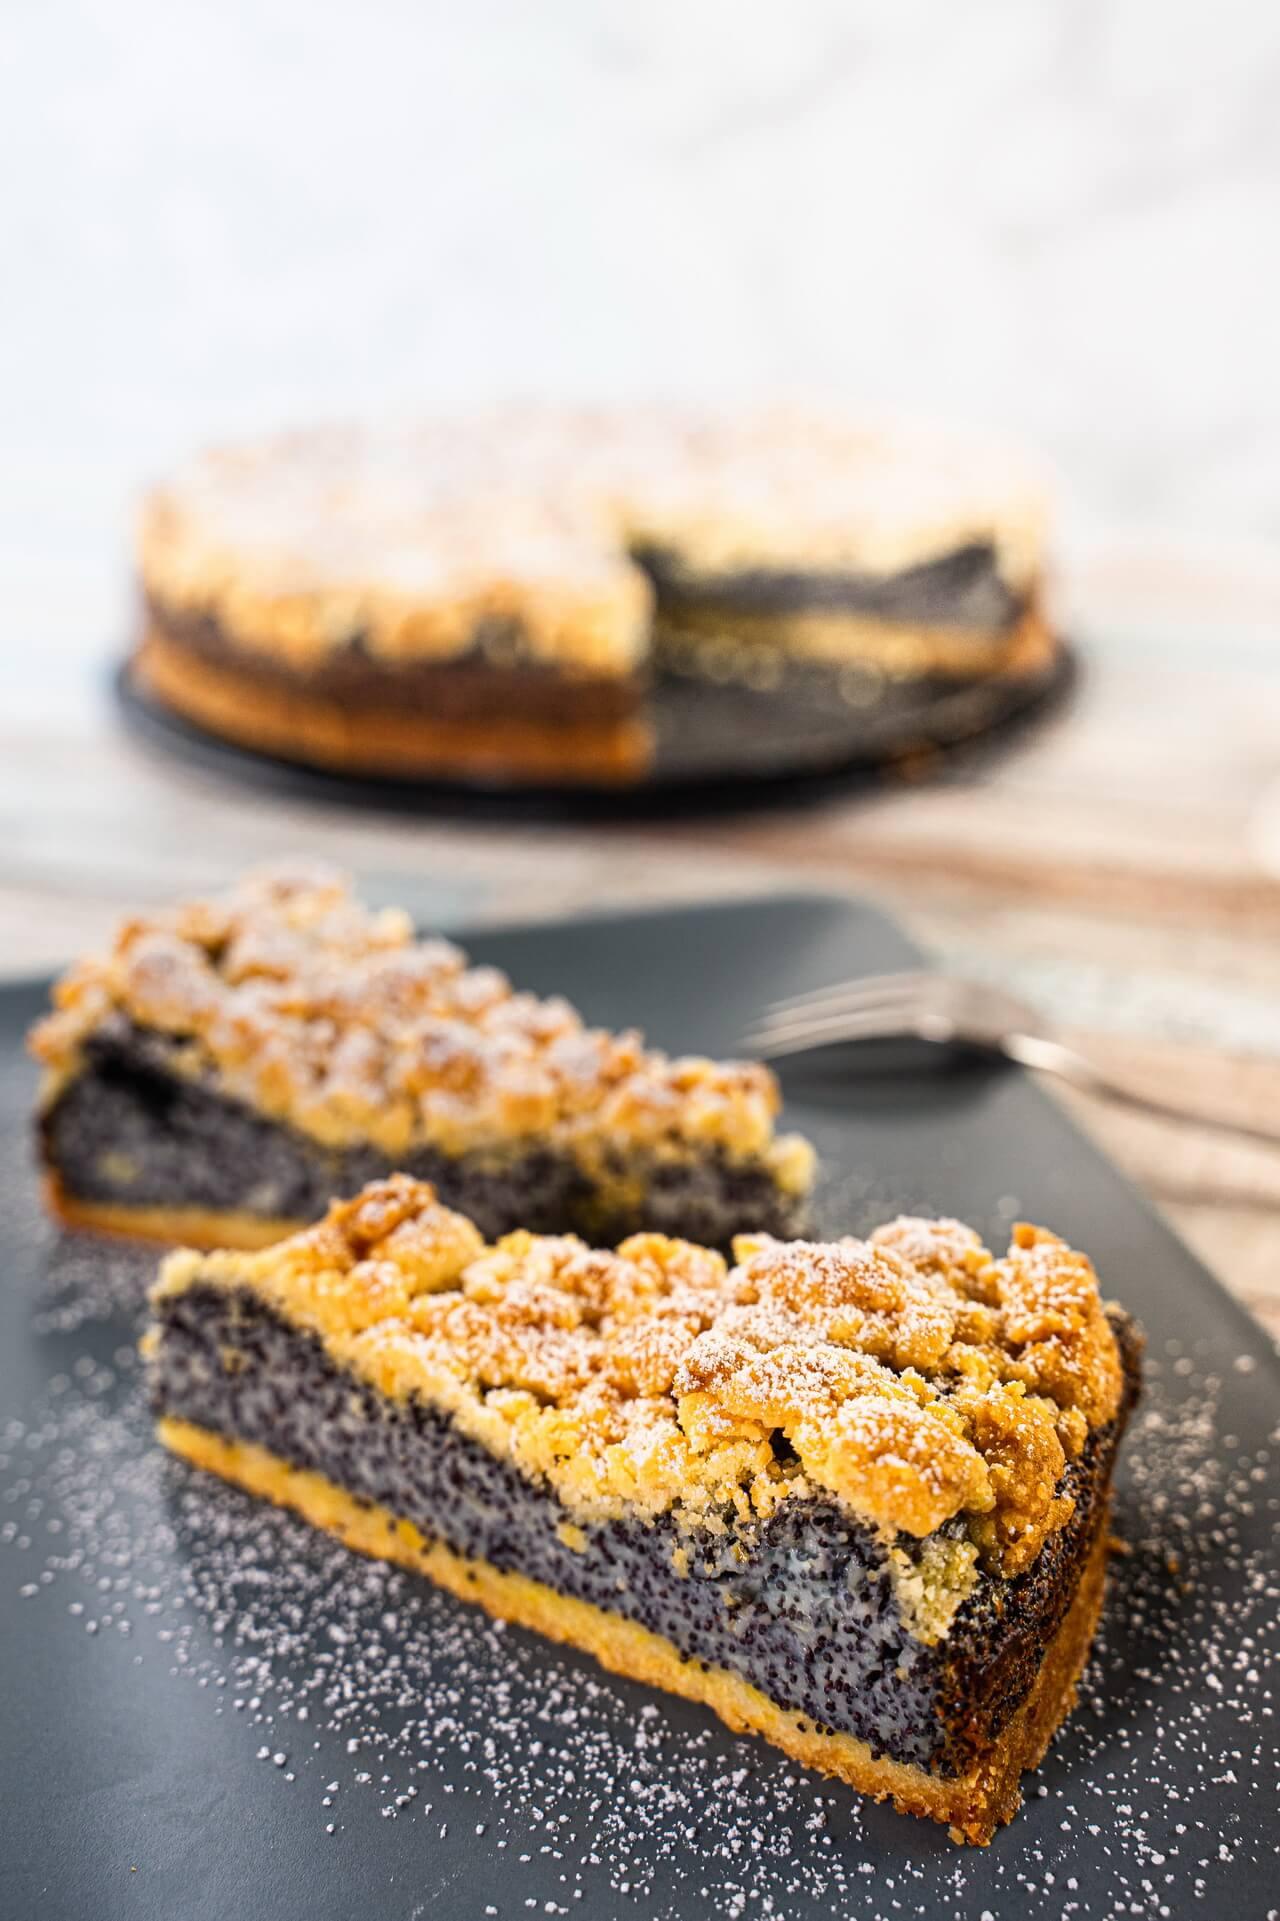 German Poppy Seed Streusel Cake Slices Vertical